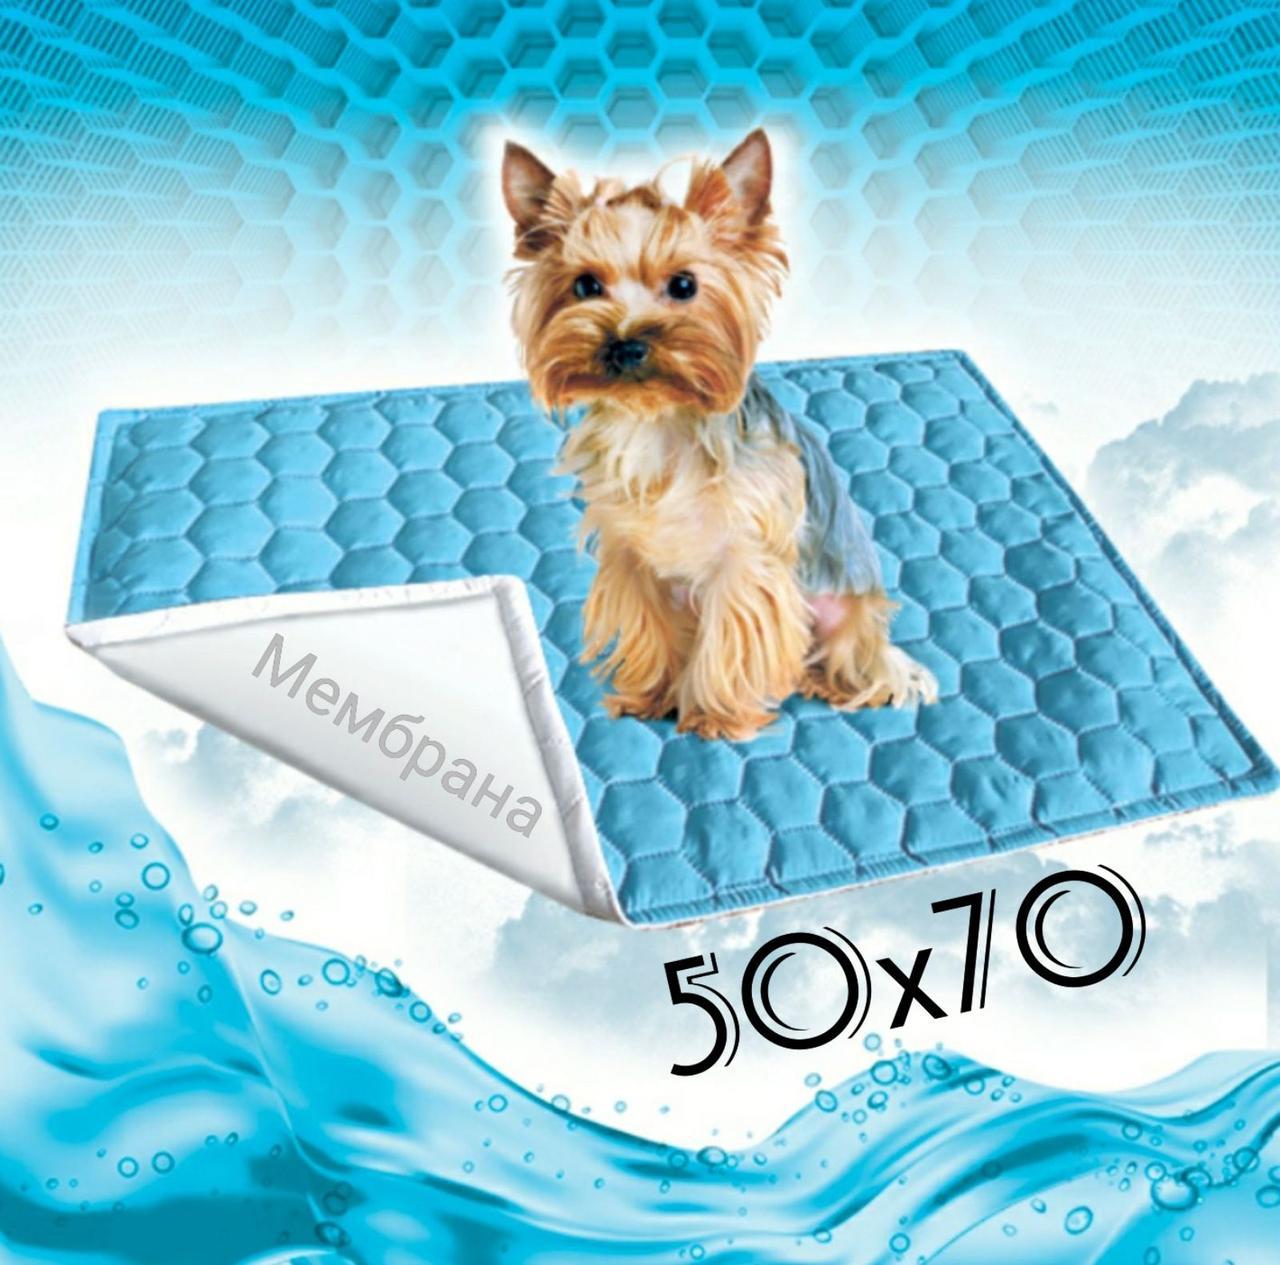 Многоразовая пеленка для собак 50х70 см непромокаемая Цвет БИРЮЗОВЫЙ